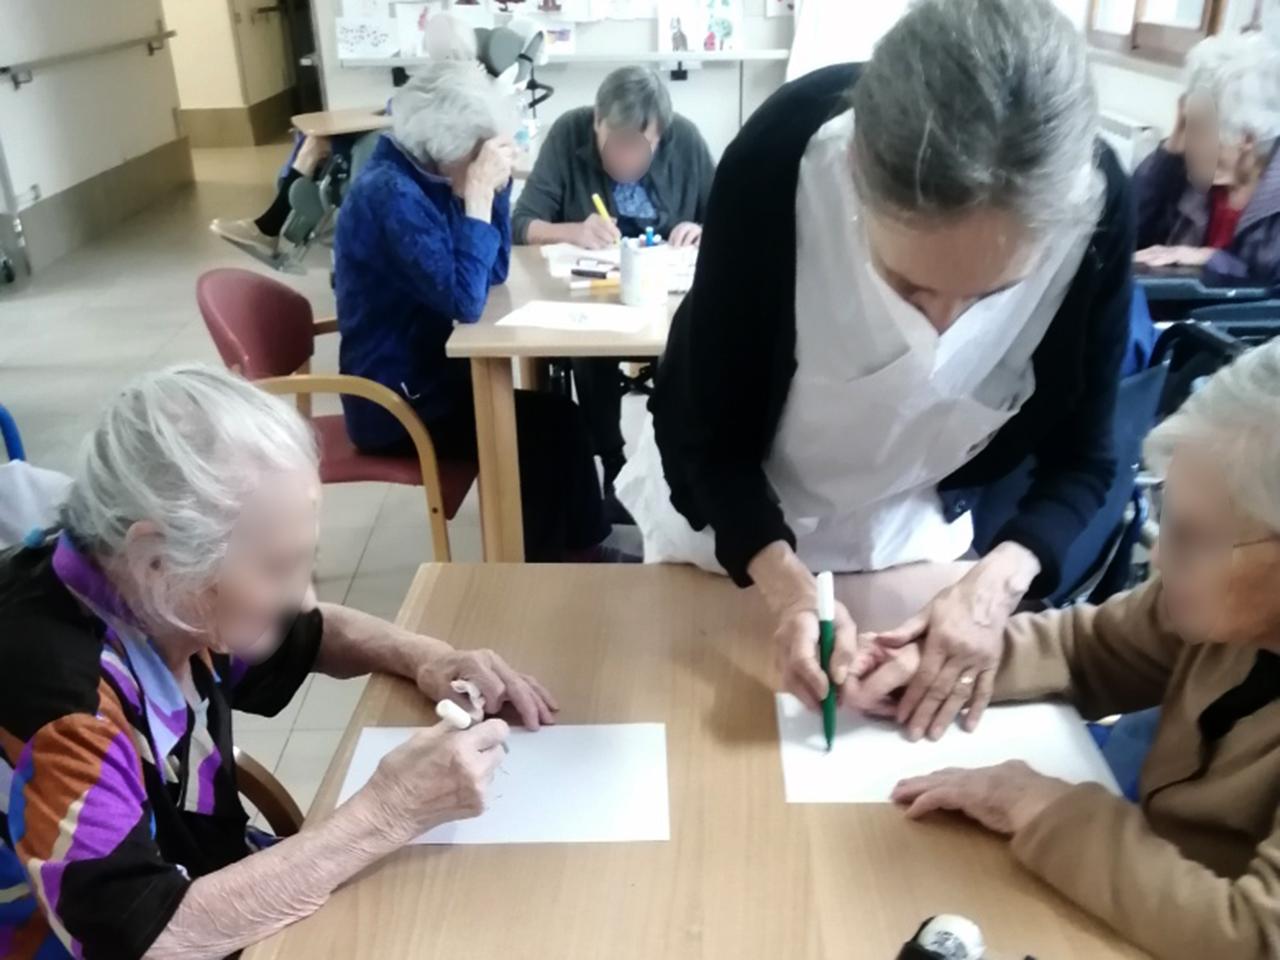 Le attività con gli anziani ospiti della residenza protetta alla Fondazione Città di Senigallia